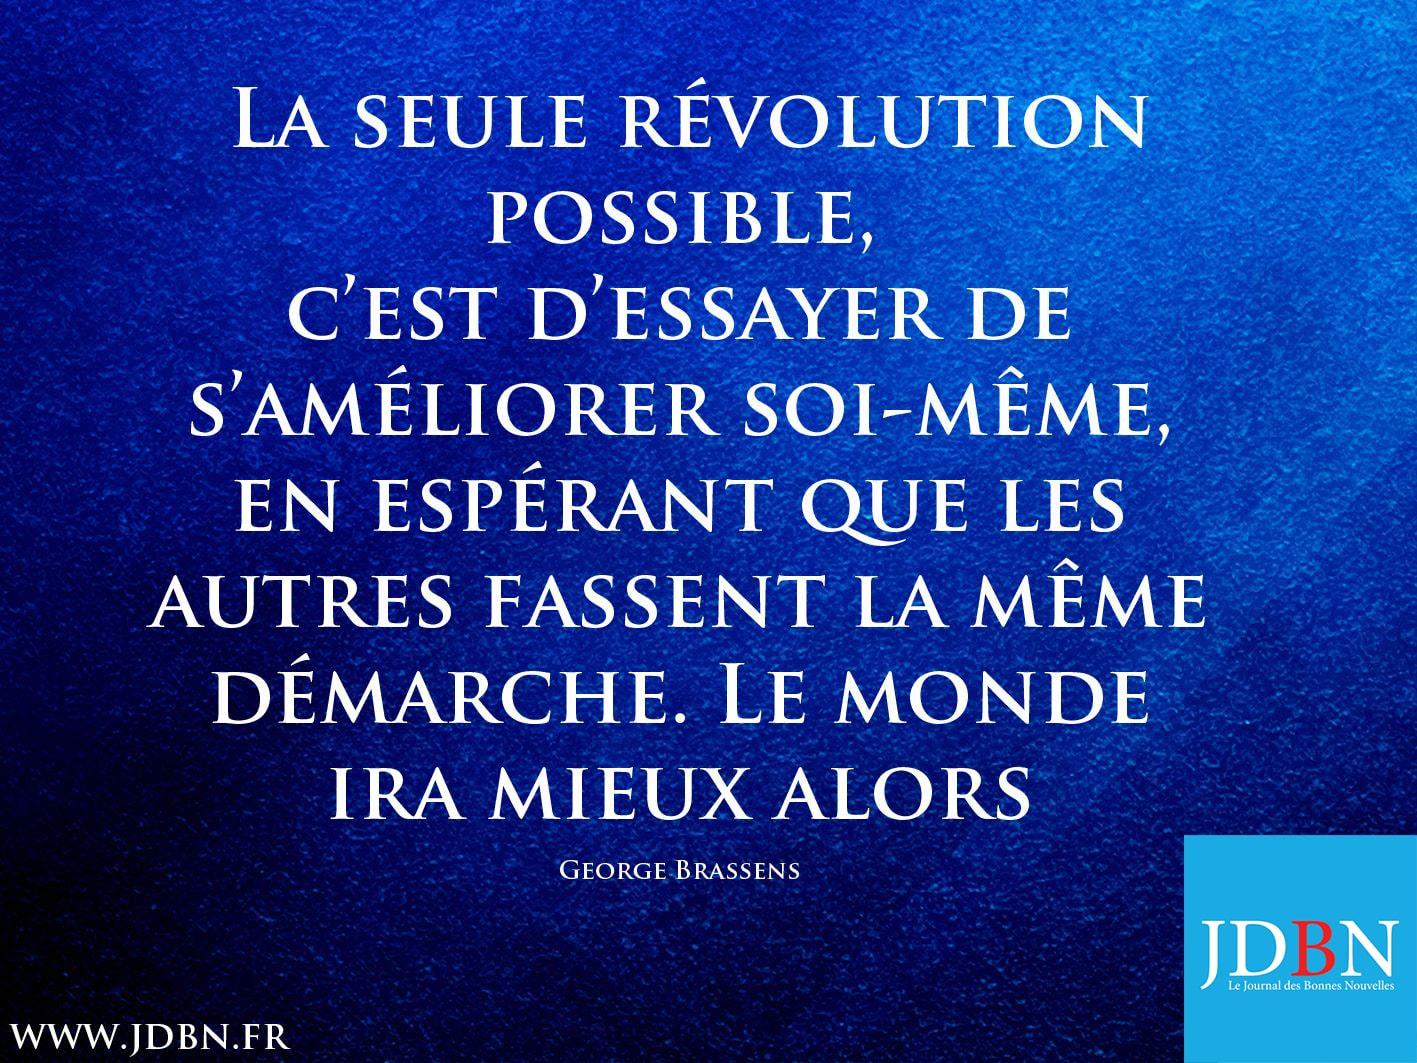 La seule révolution possible…